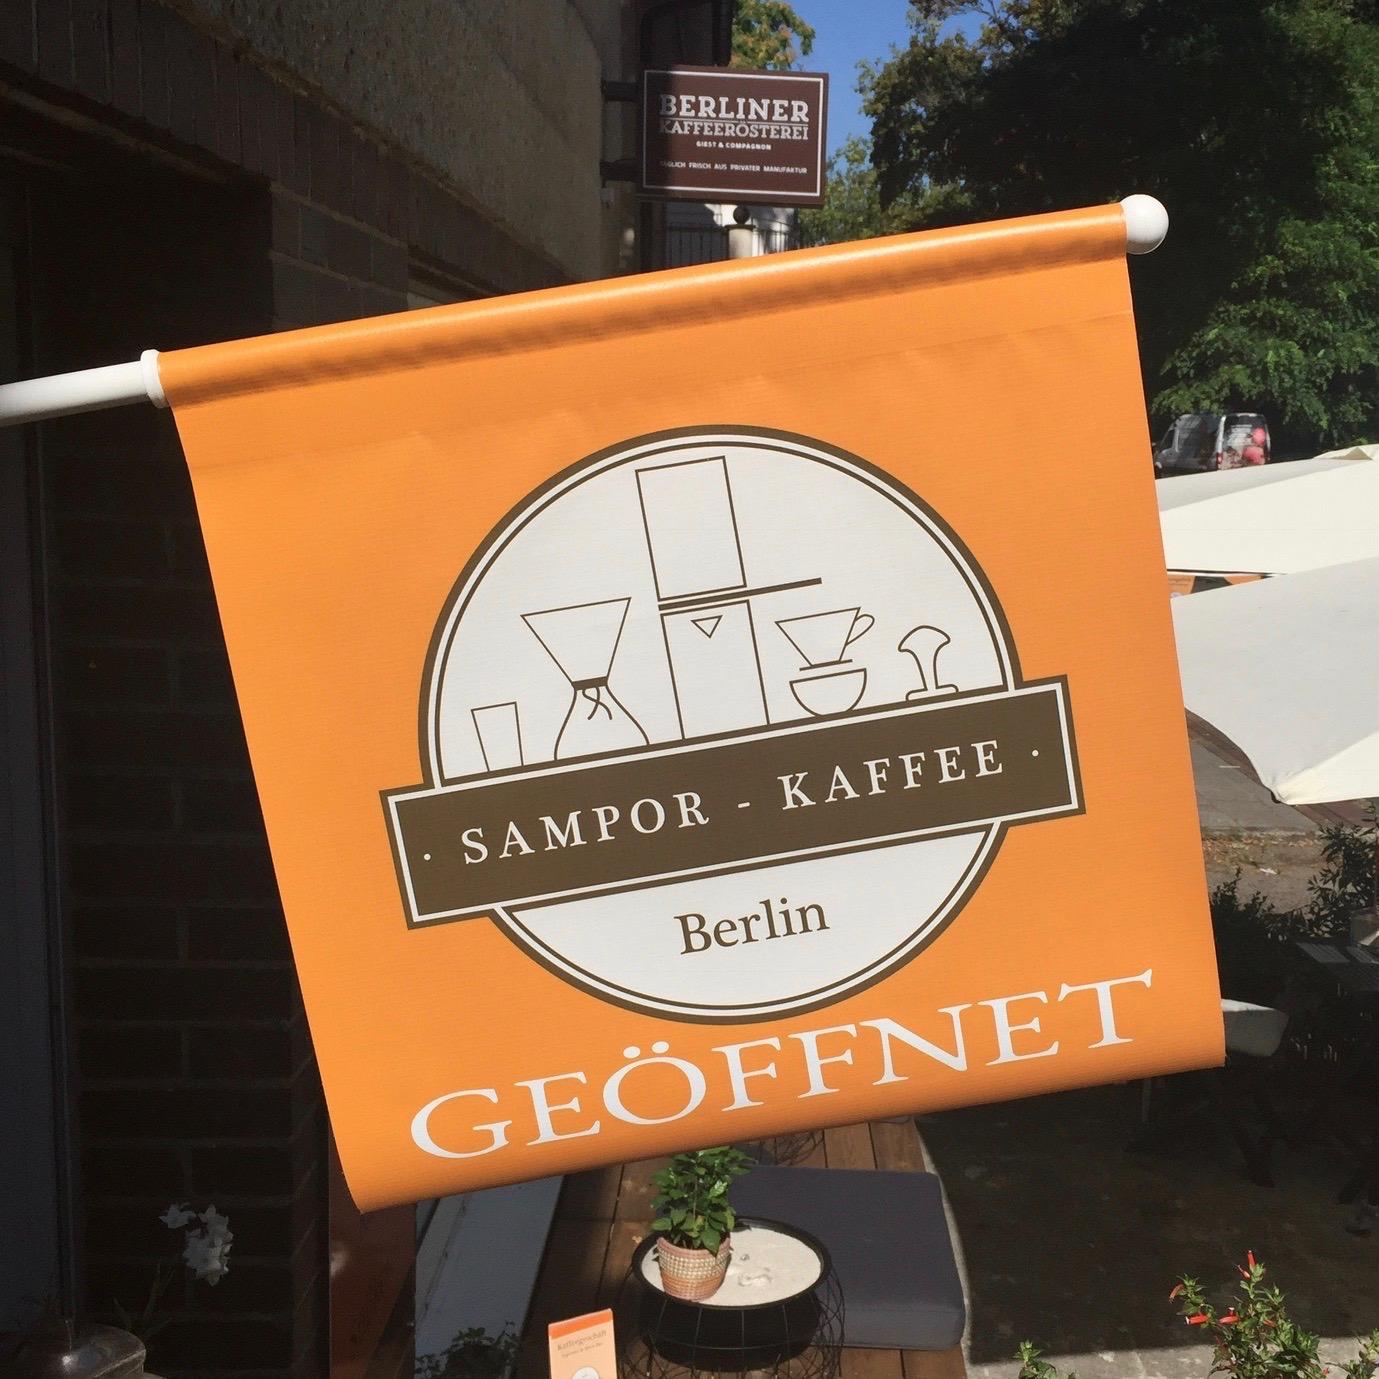 SKB / Logo · Brand · Marke · Fahne - SAMPOR-KAFFEE-BERLIN · 2017